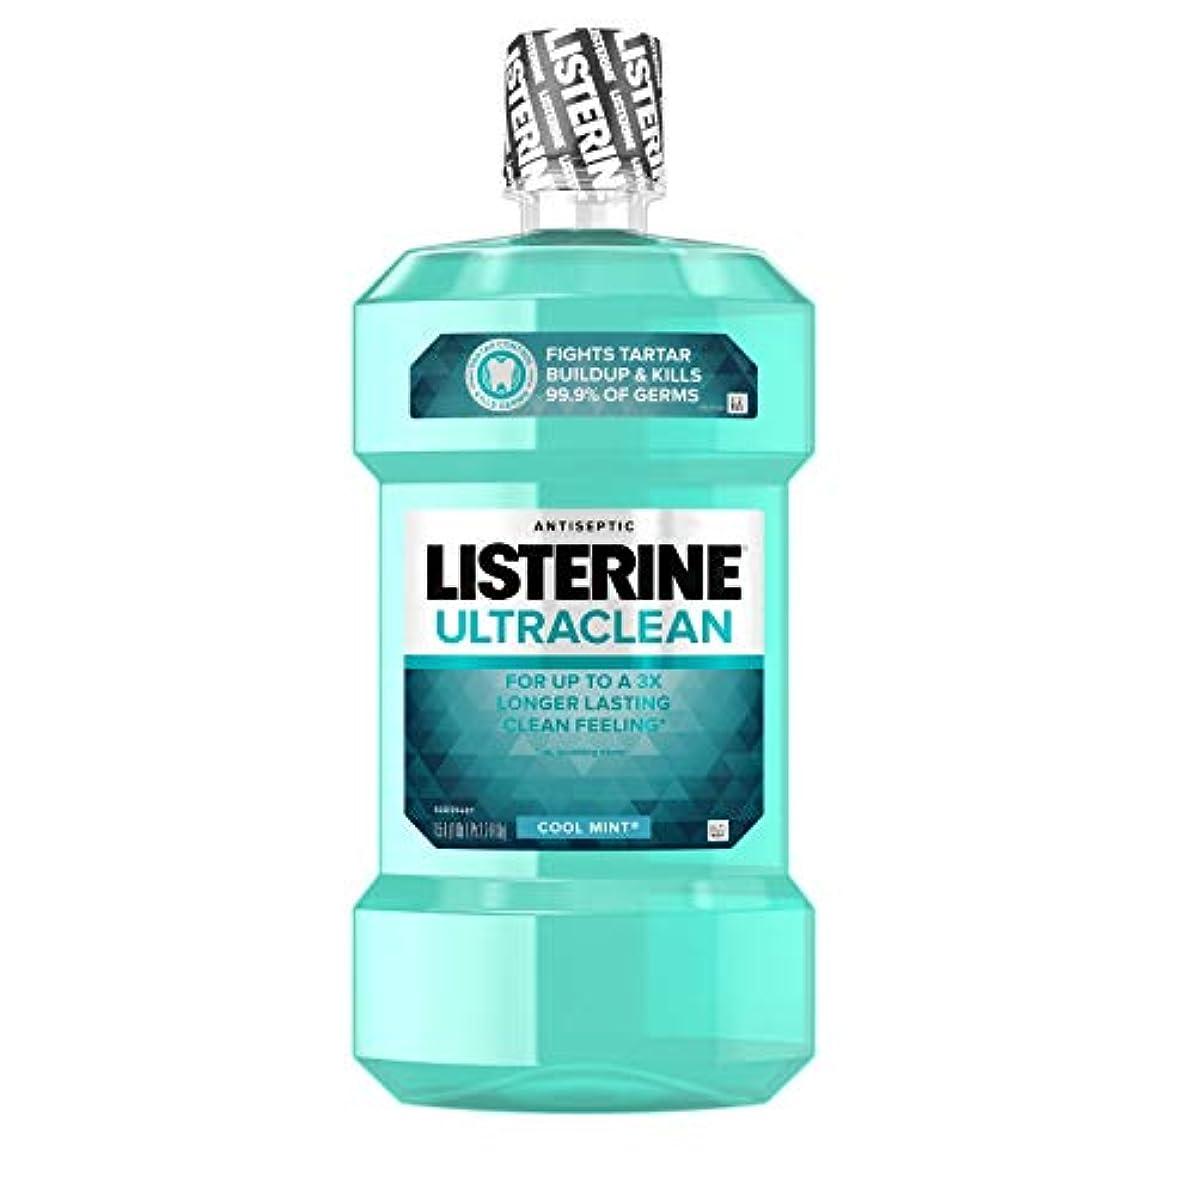 文字苦悩夕暮れListerine ウルトラクリーンEverfresh技術とオーラルケア消毒うがい薬1.5 L、ミントクール、口臭、歯肉炎、歯垢および歯石を戦うのを助けるために、6パック